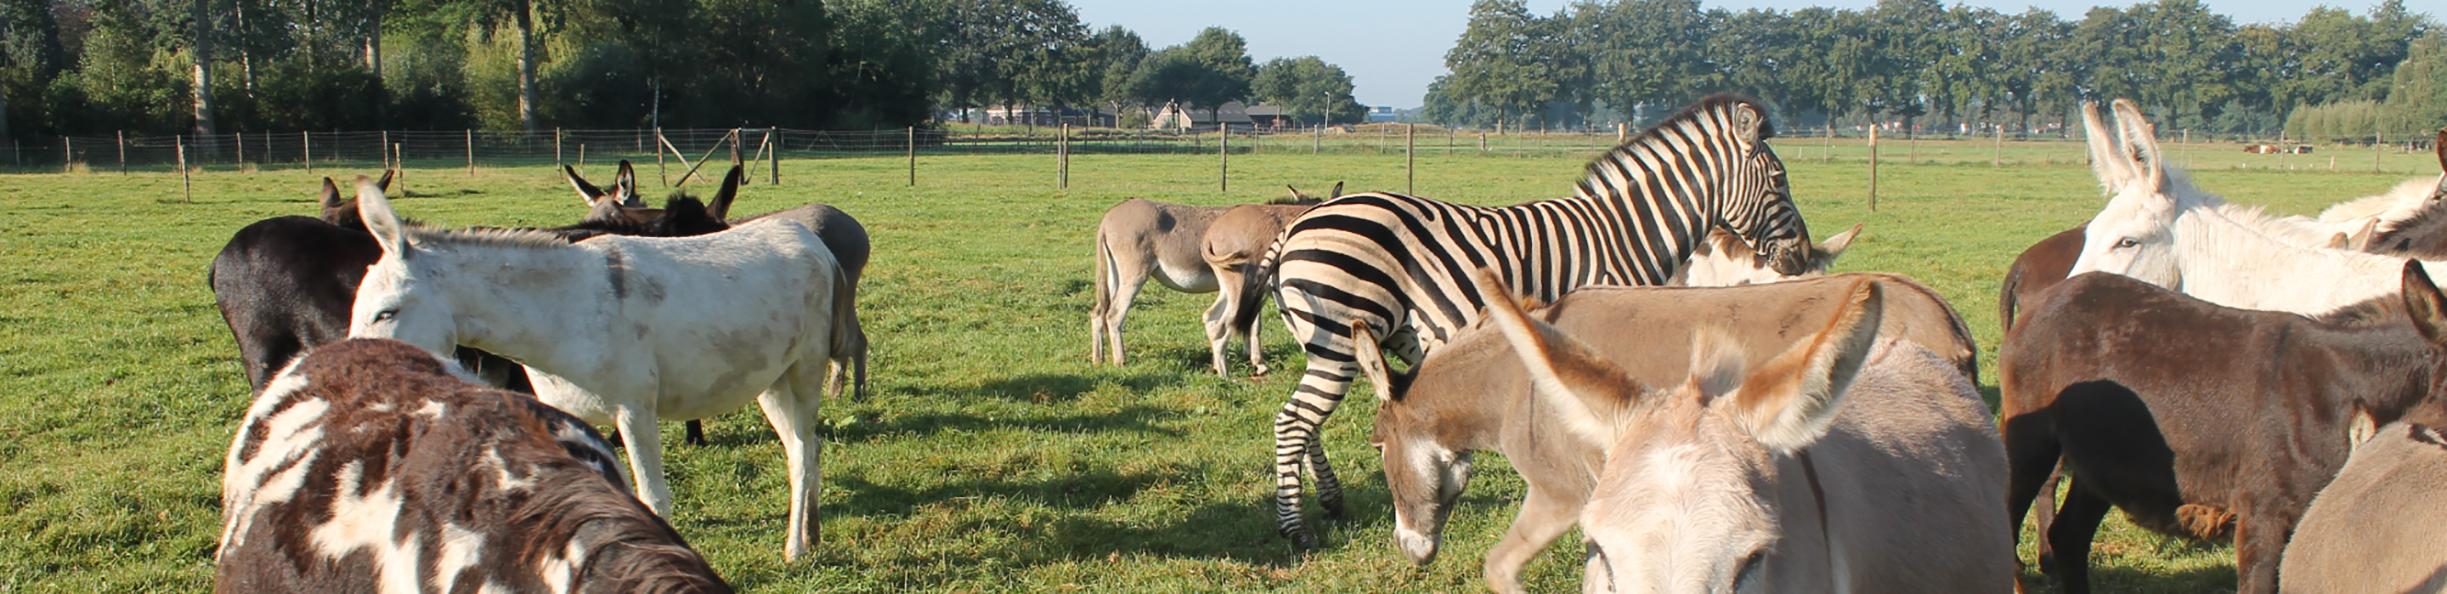 http://www.ezels.nl/uploads/images/header/groep-ezels-zebra.png